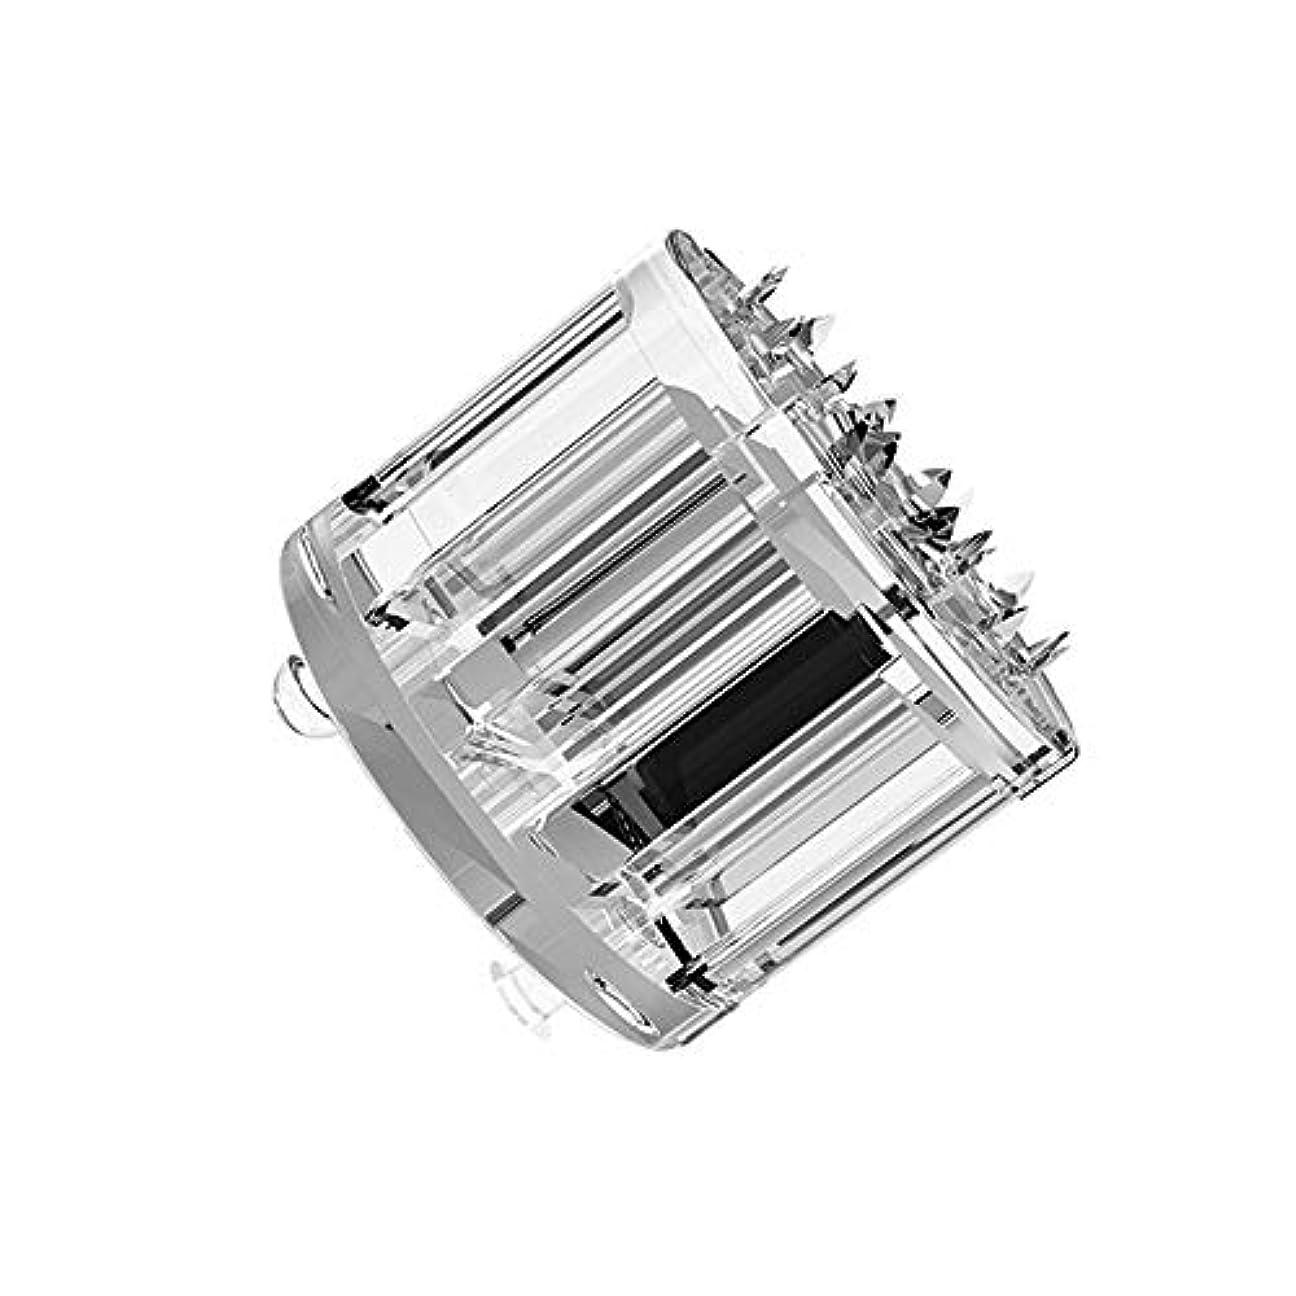 バーター竜巻誰かMTS Home Care Micro pin-10ea (ticktok用) ティク ホームケア マイクロピン 化粧品の浸透 コラーゲン 肌の弾力 アップ マイクロピン 毛穴や小じわ 角質ケア